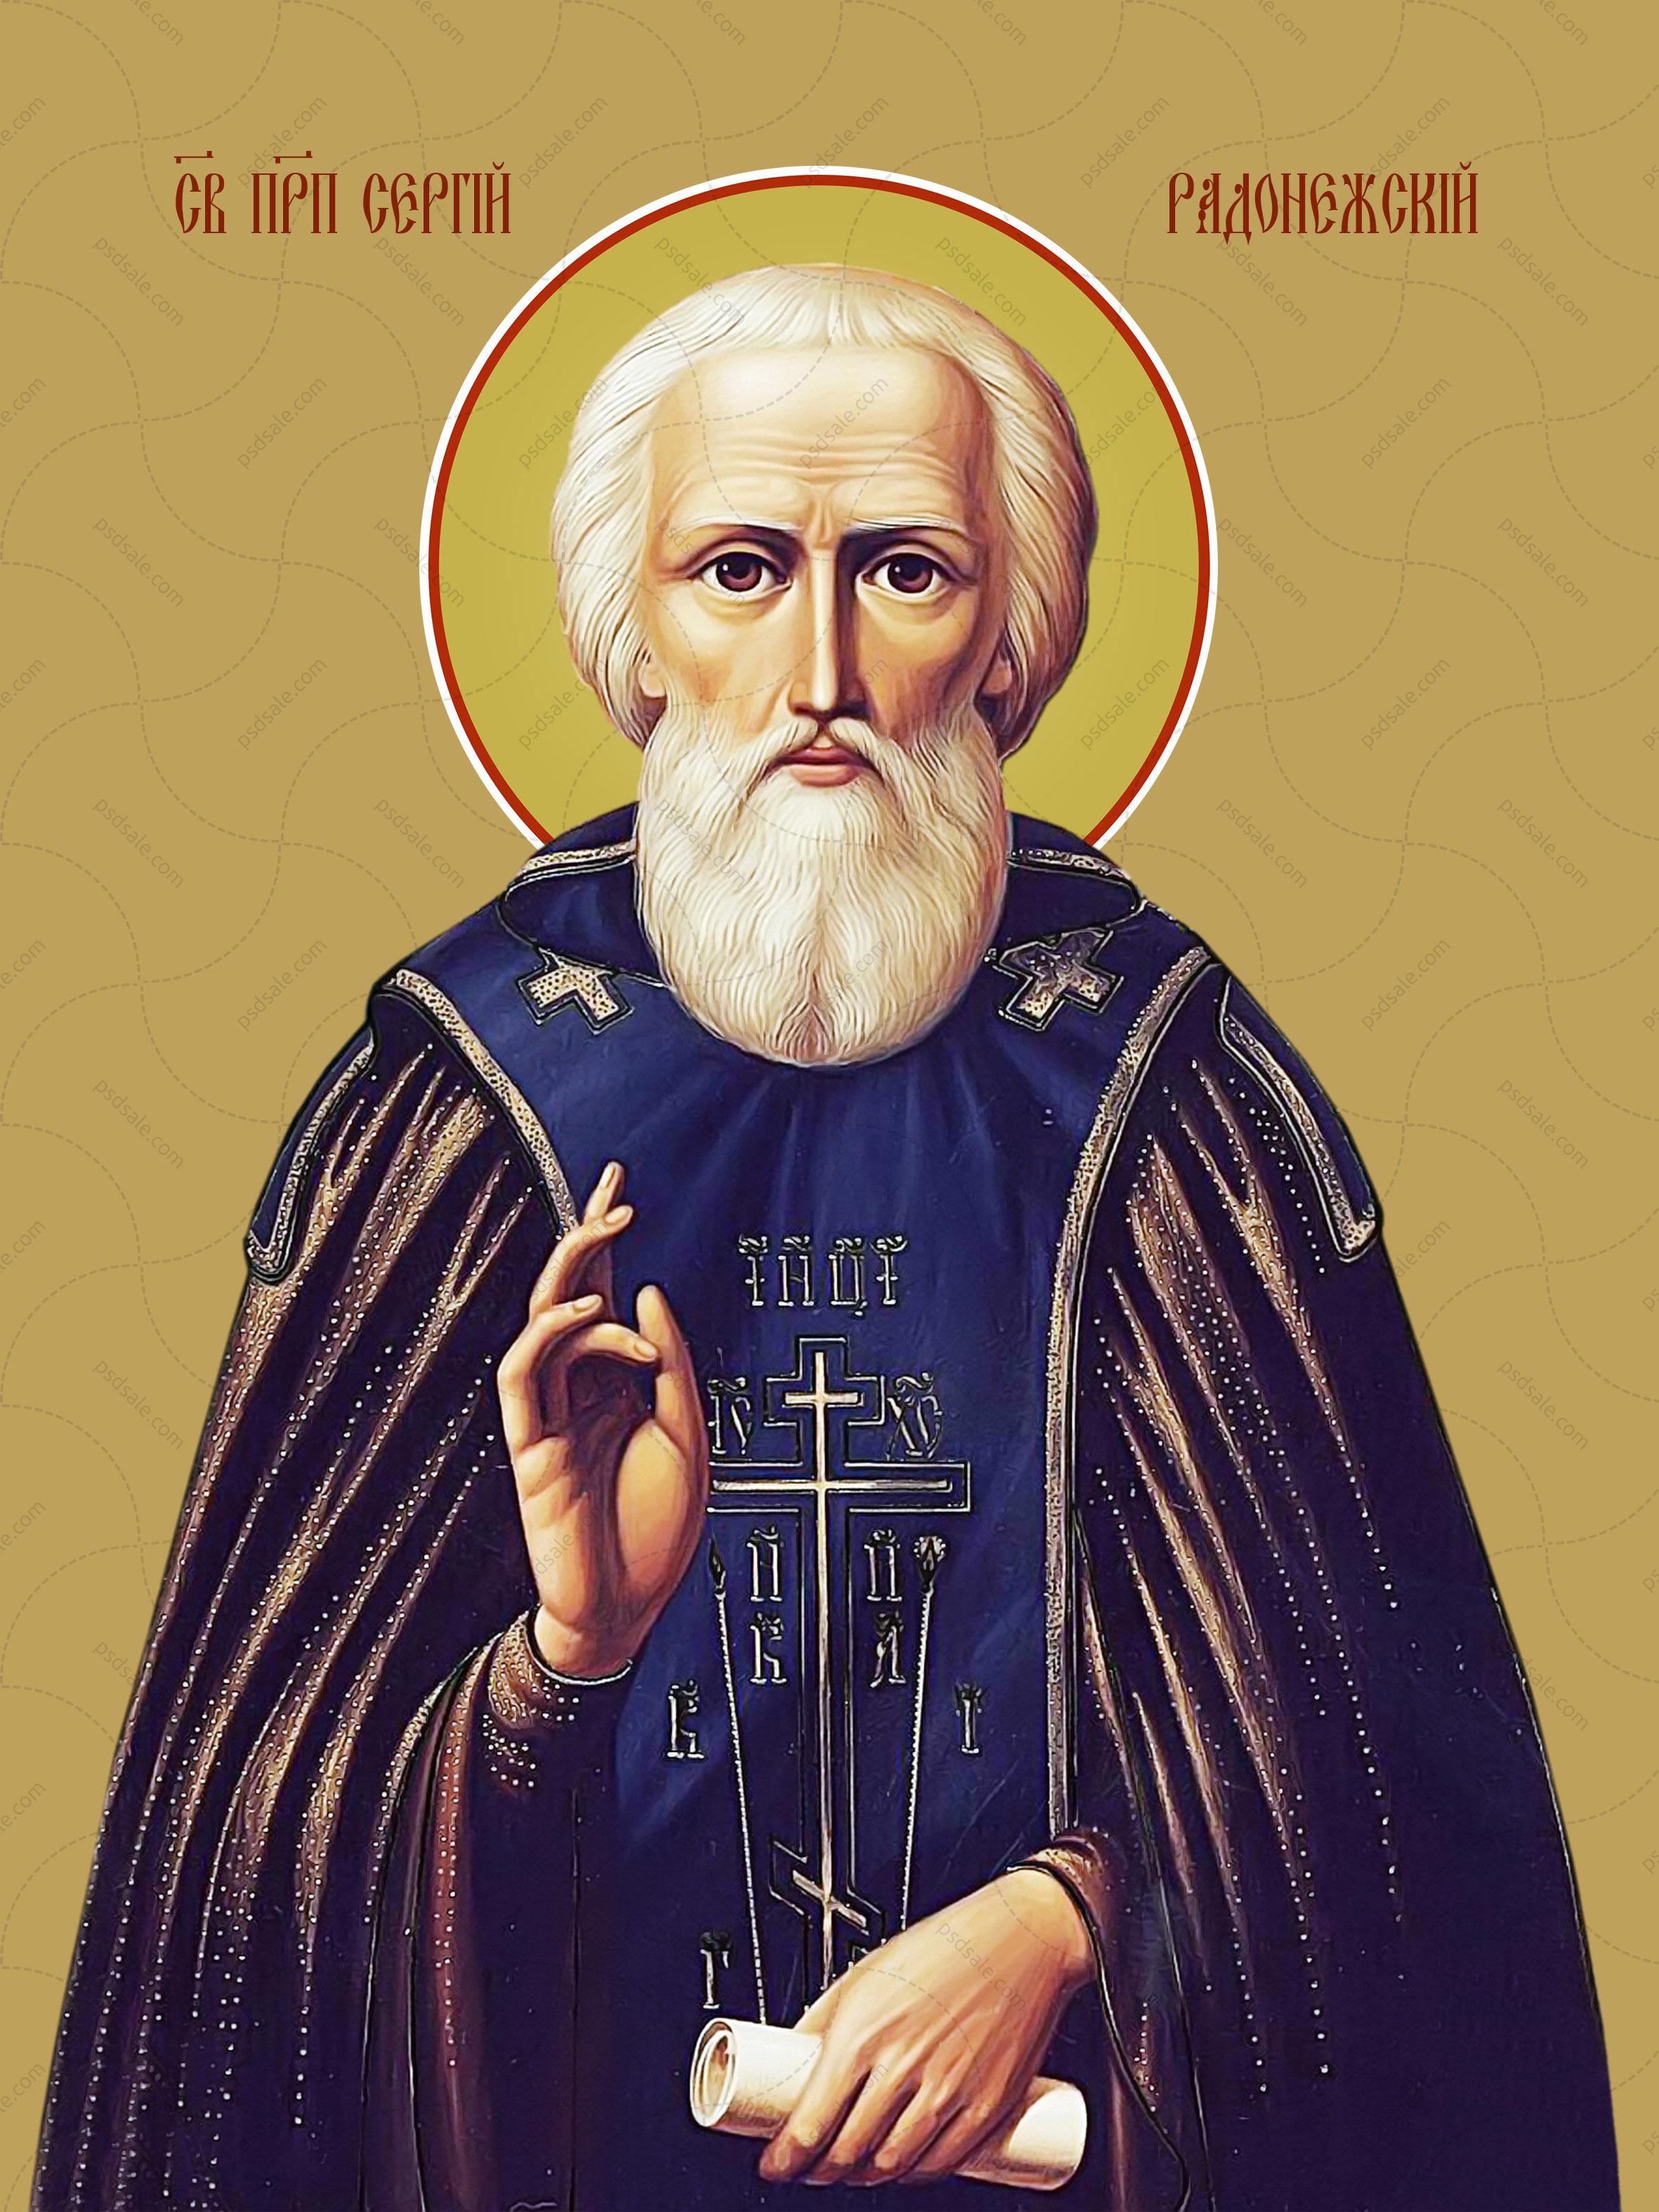 Сергий Радонежский, преподобный